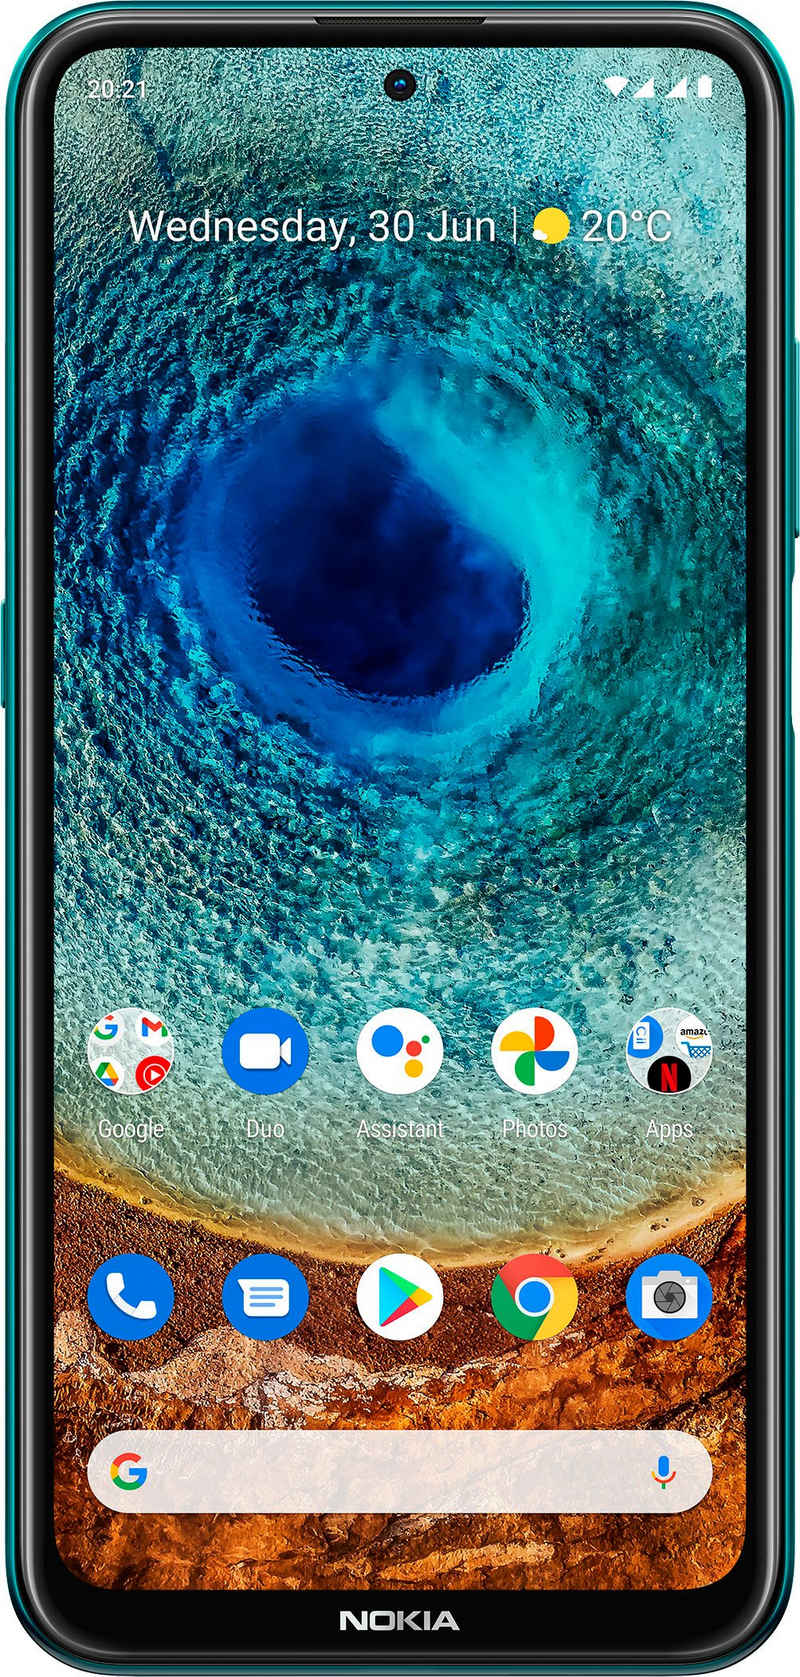 Nokia X10,4+128 GB, Dual SIM Smartphone (16,94 cm/6,67 Zoll, 128 GB Speicherplatz, 48 MP Kamera, 3 Jahre Herstellergarantie)